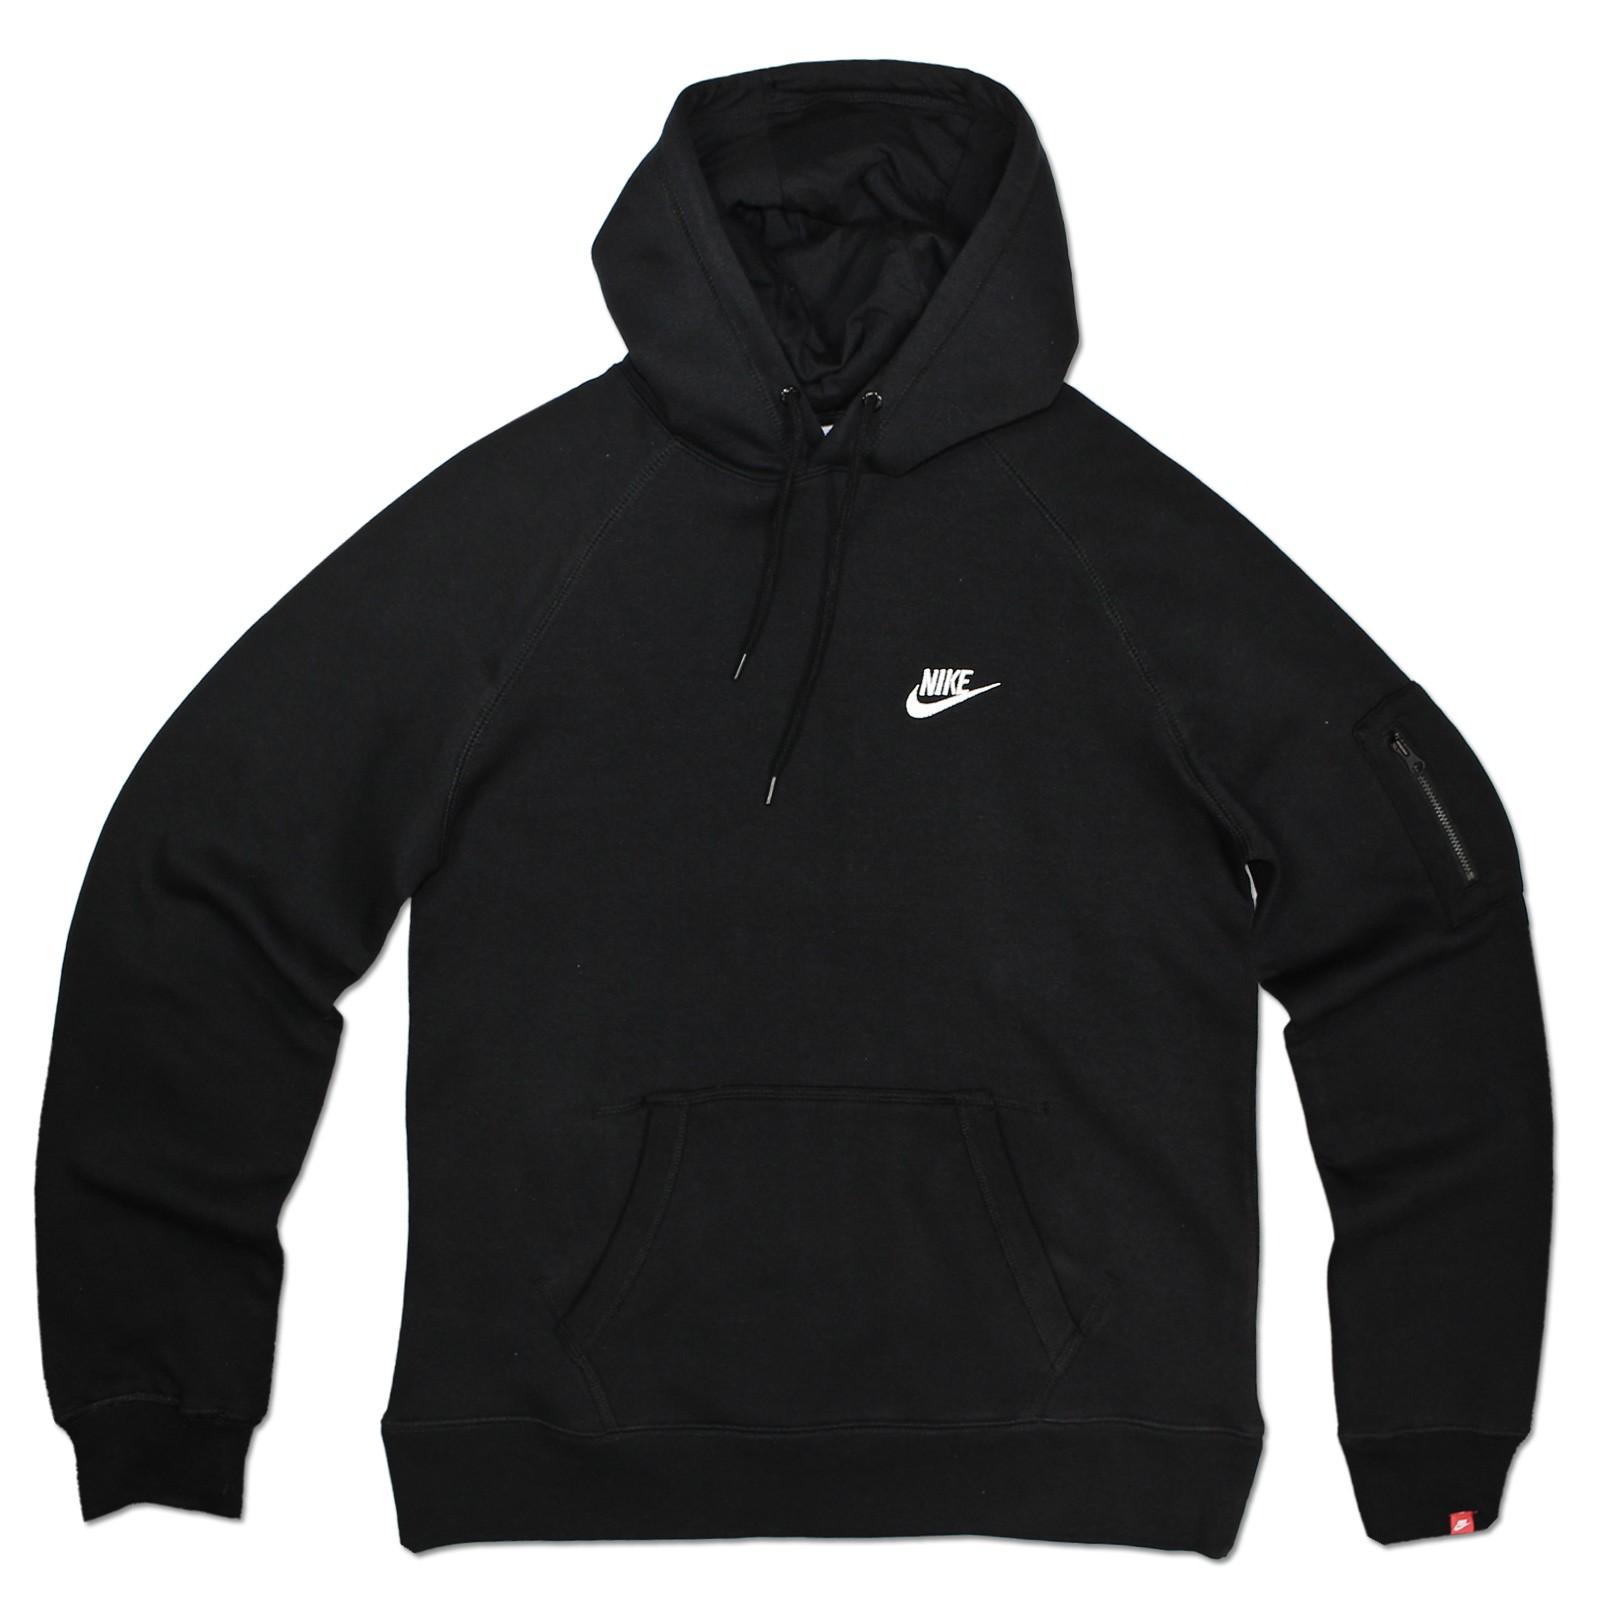 Détails sur Nike logo Swoosh Hoodie Polaire Capuche Sweater Hoody Sweatshirt Sweatjacke Noir afficher le titre d'origine